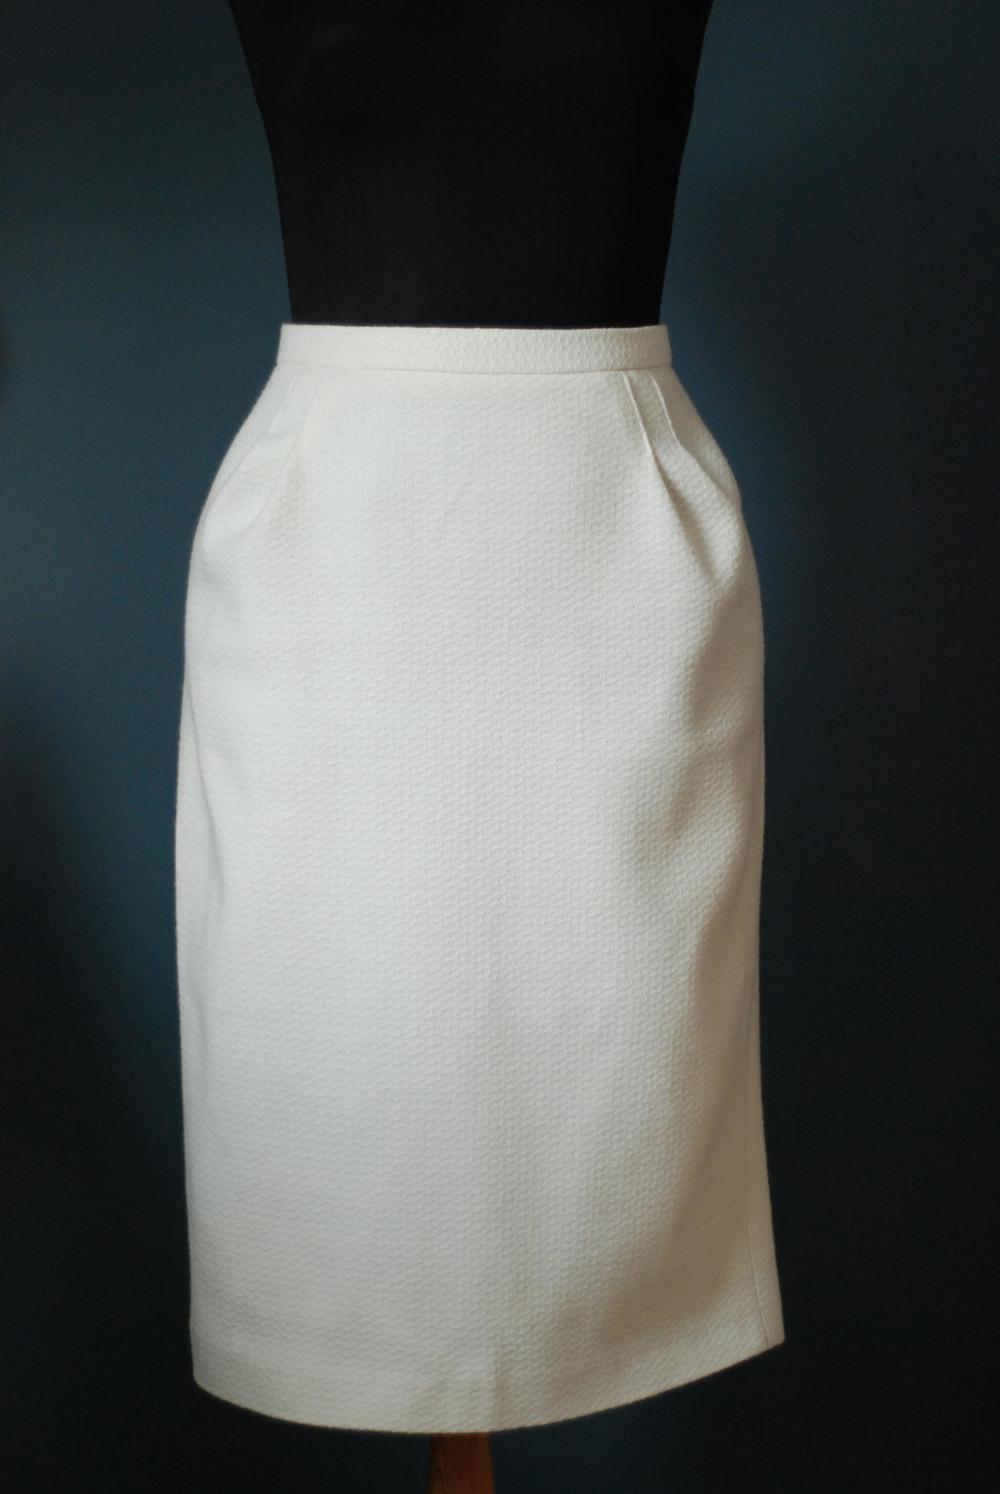 homemede skirt 250 dkk.